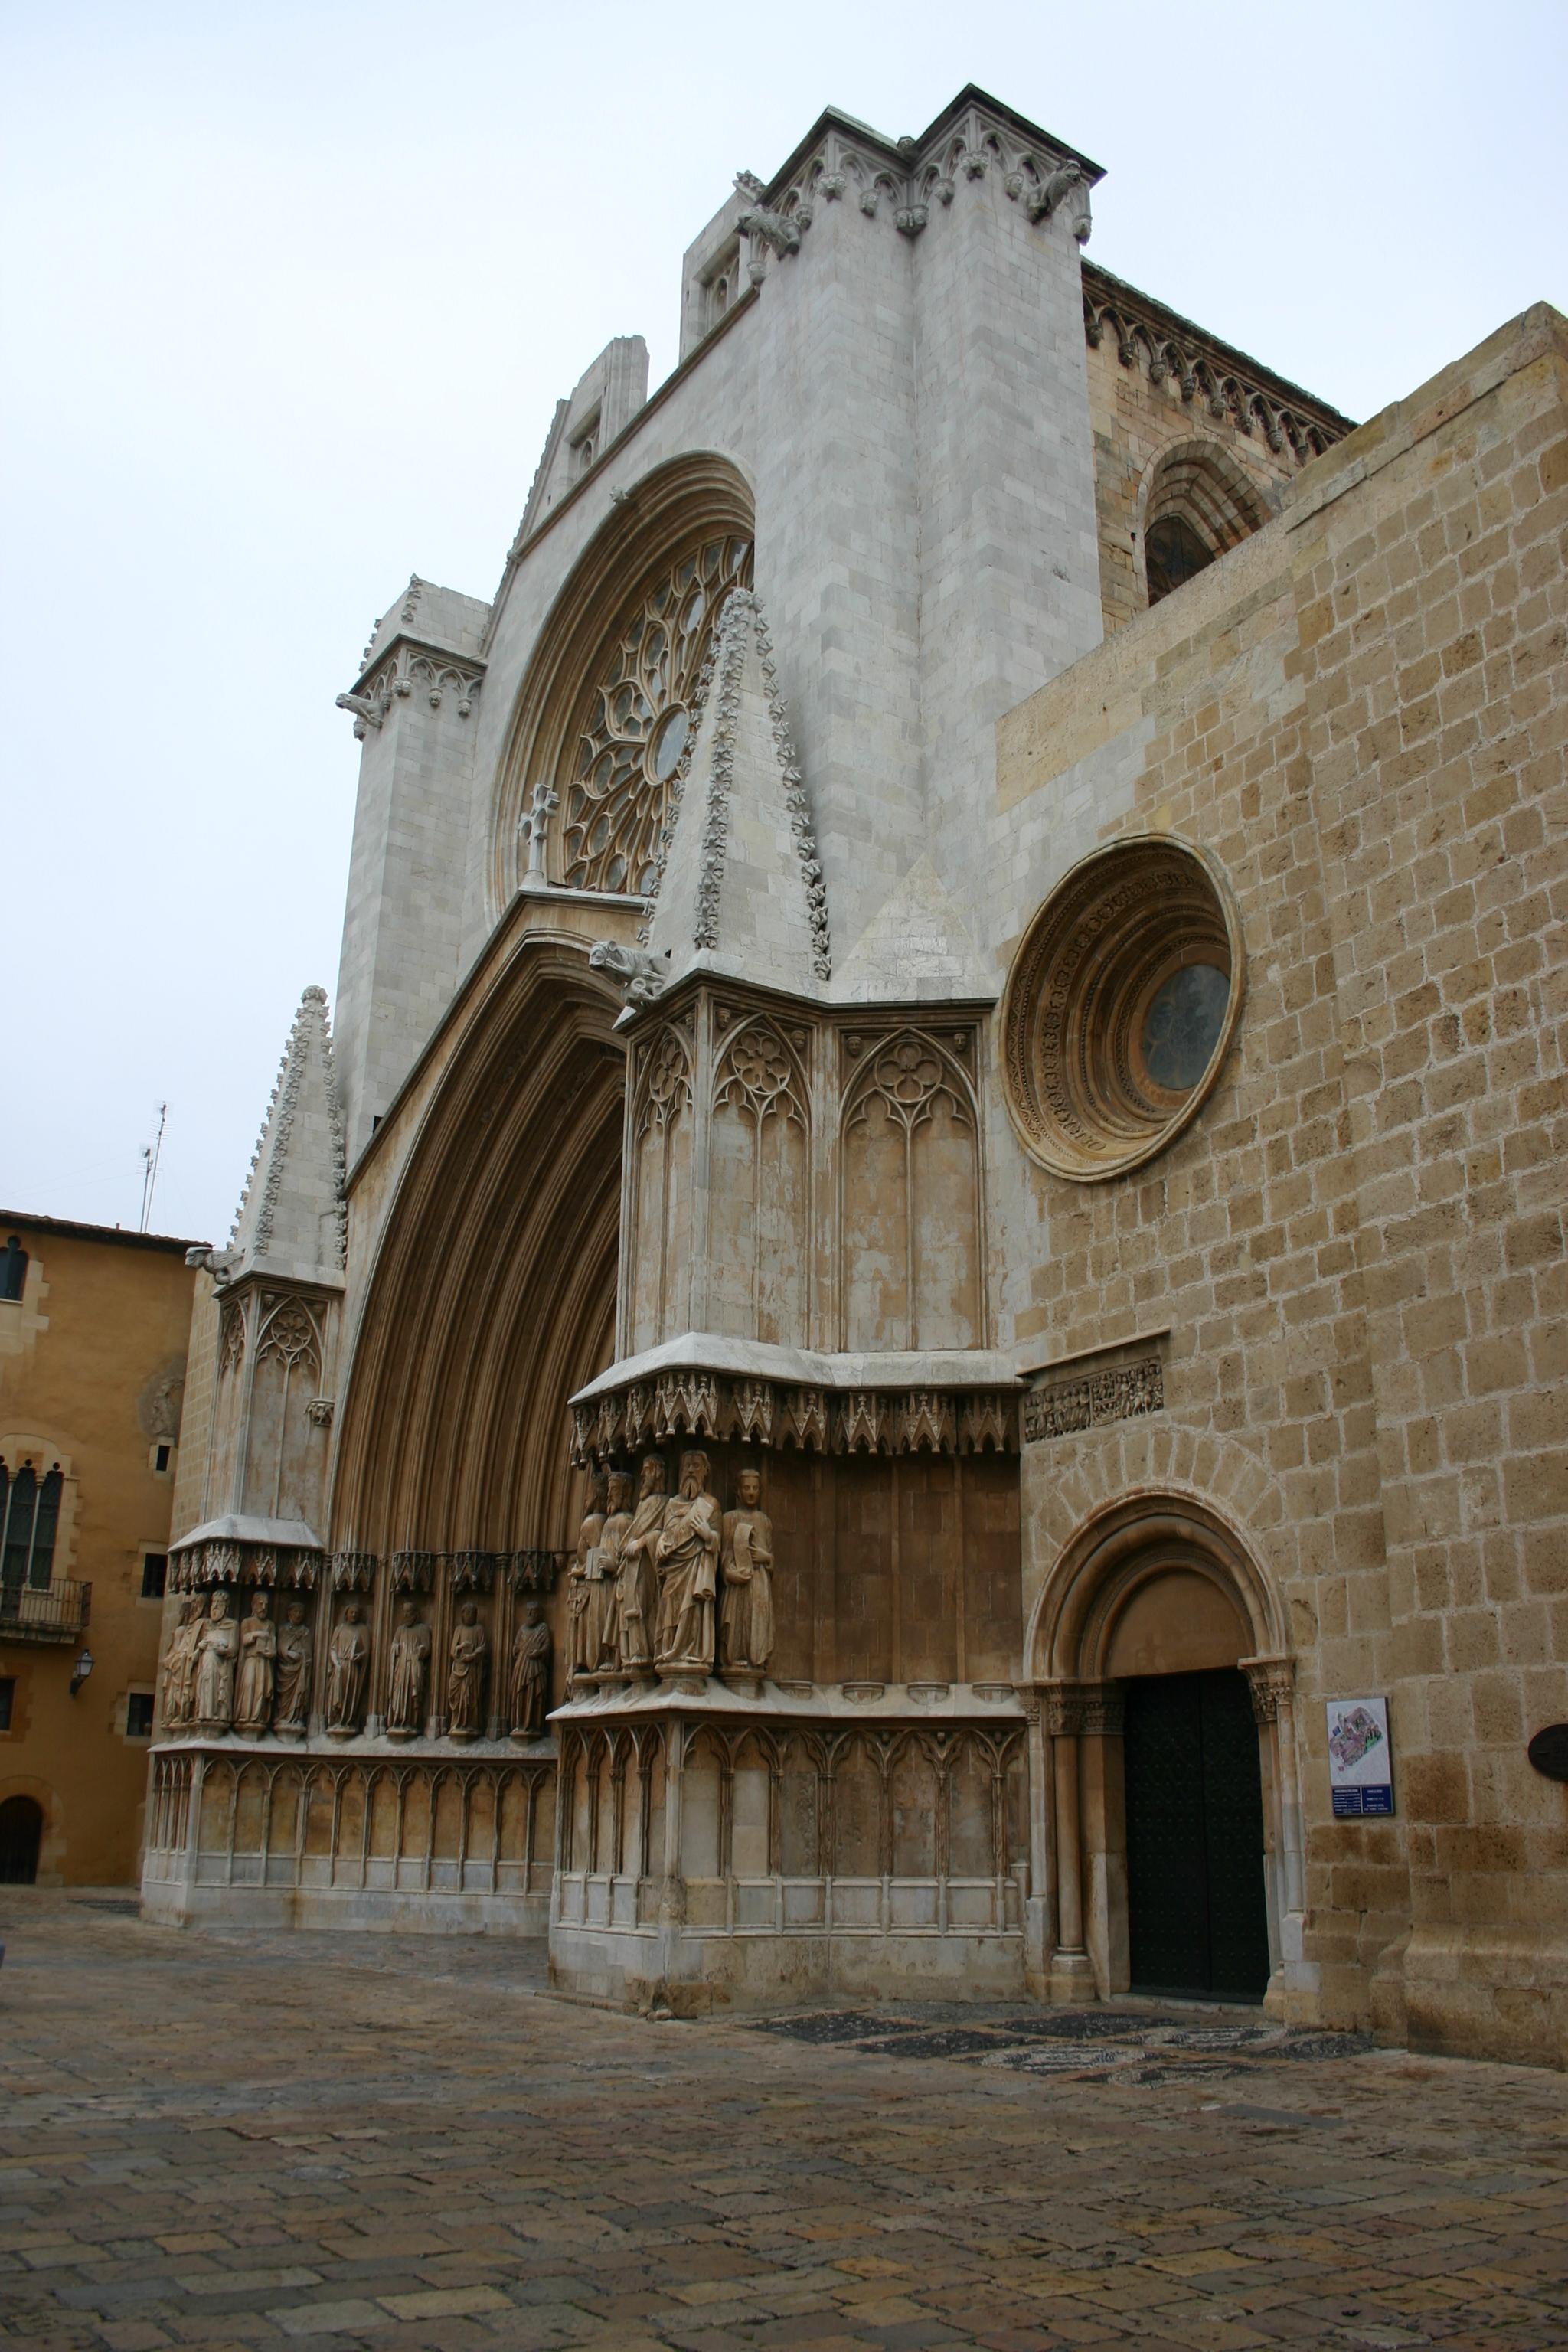 Catedral De Santa Tecla De Tarragona Wikipedia La Enciclopedia Libre